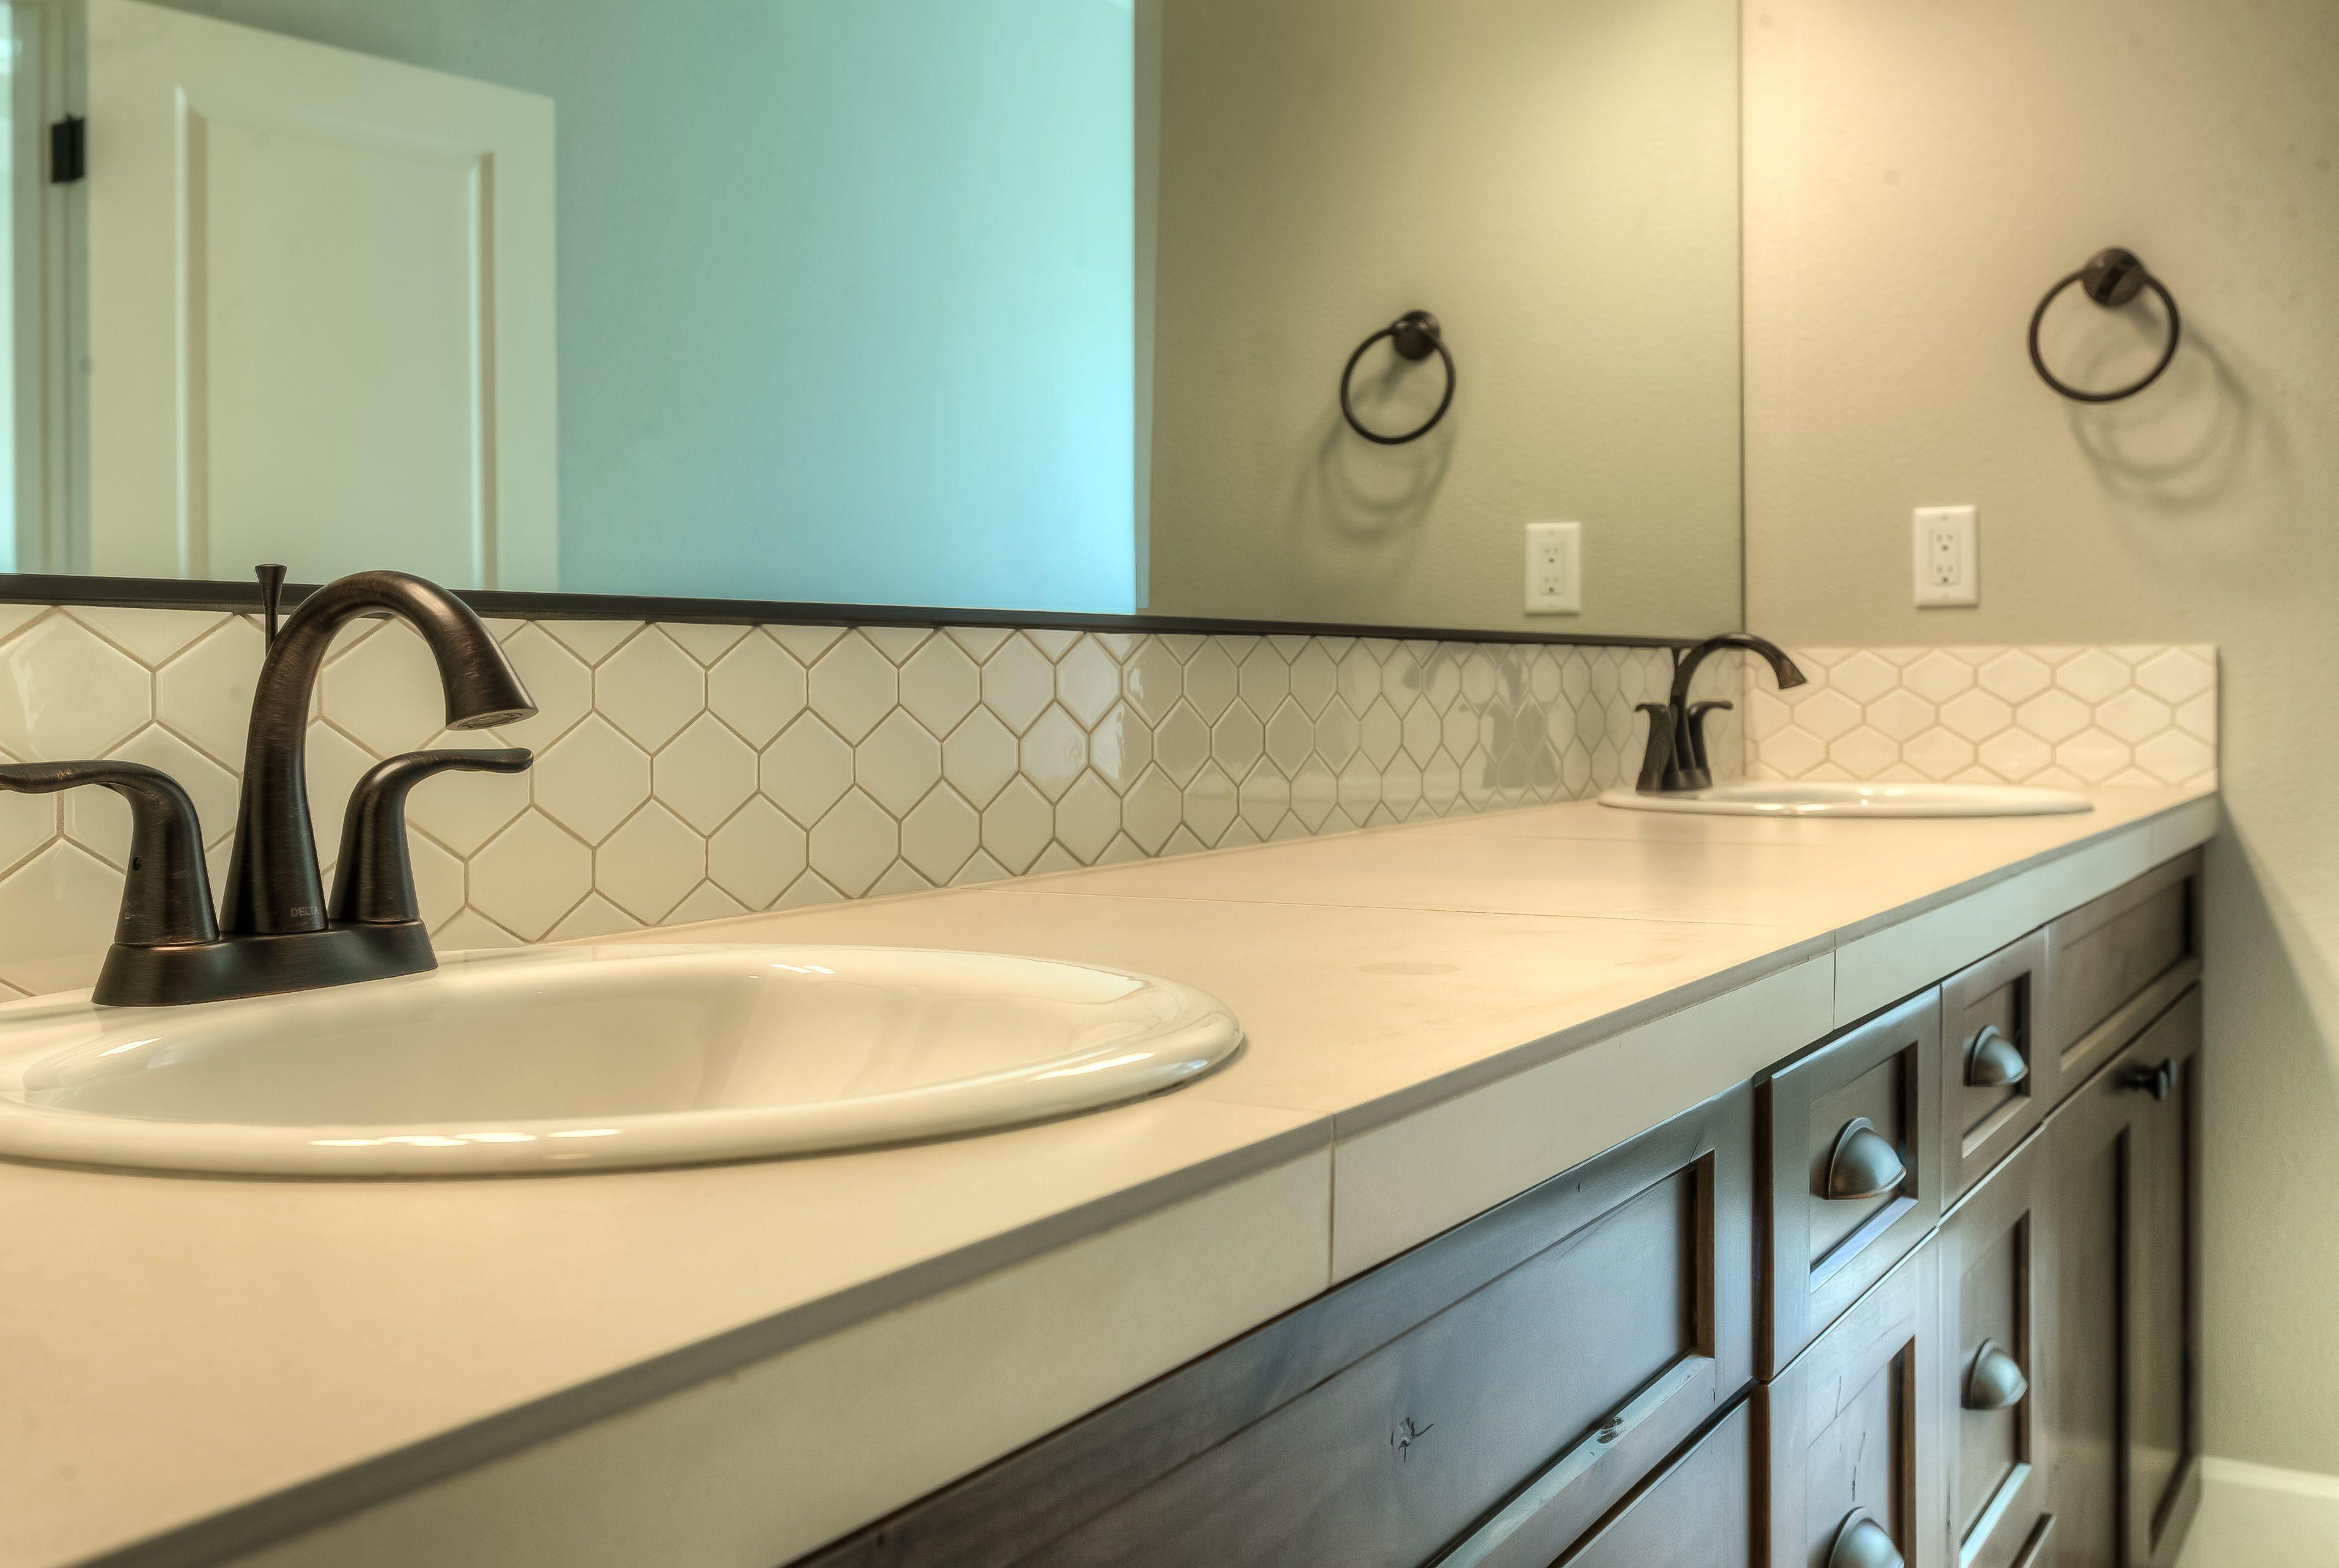 pentagon shaped backsplash tile current new home design trends